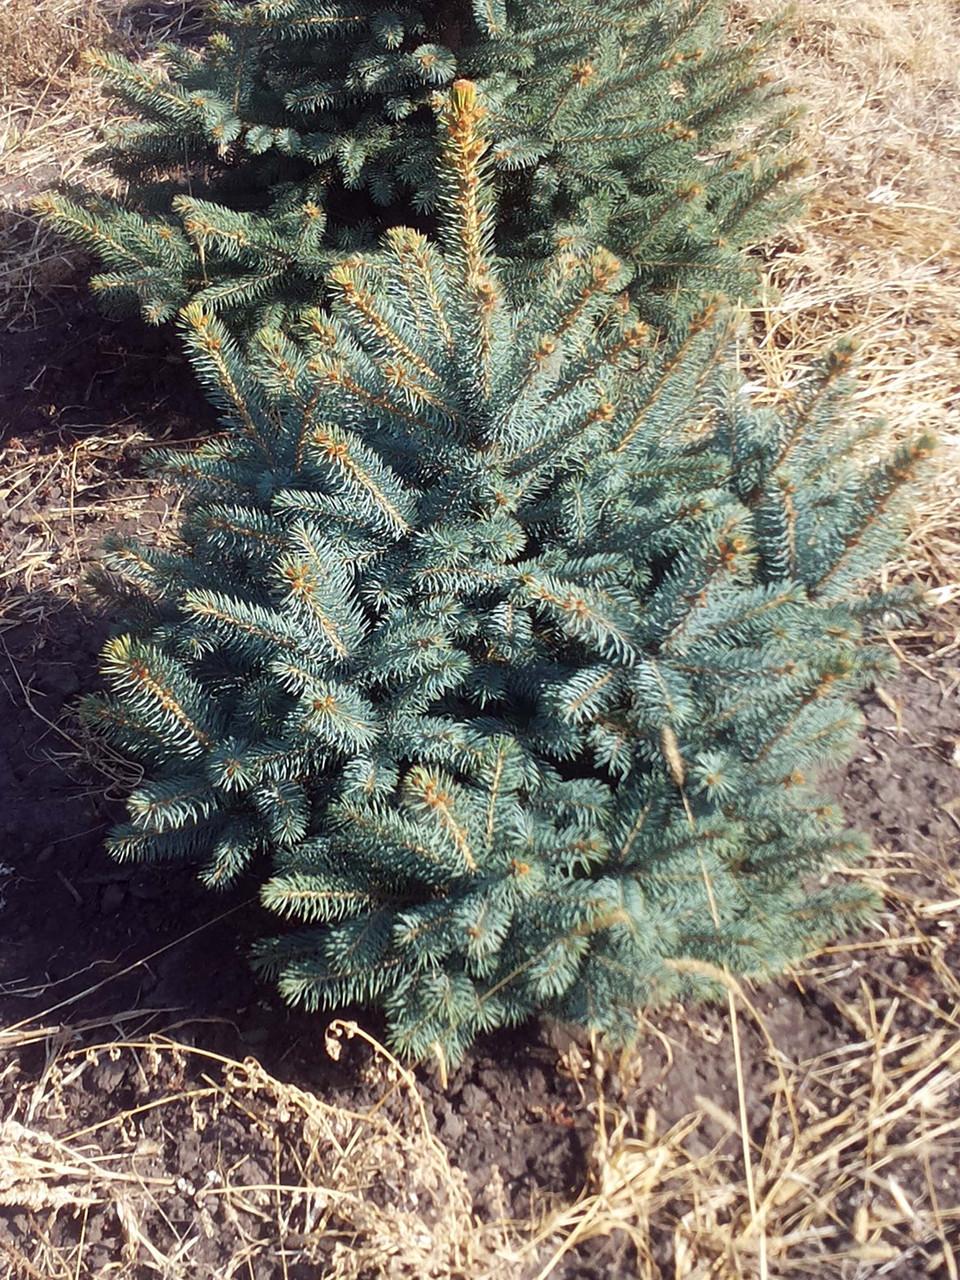 Ель колючая 'Glauca Extra' в контейнере,.Picea pungens 'Glauca Extra'. Высота 1-1,2 метр.